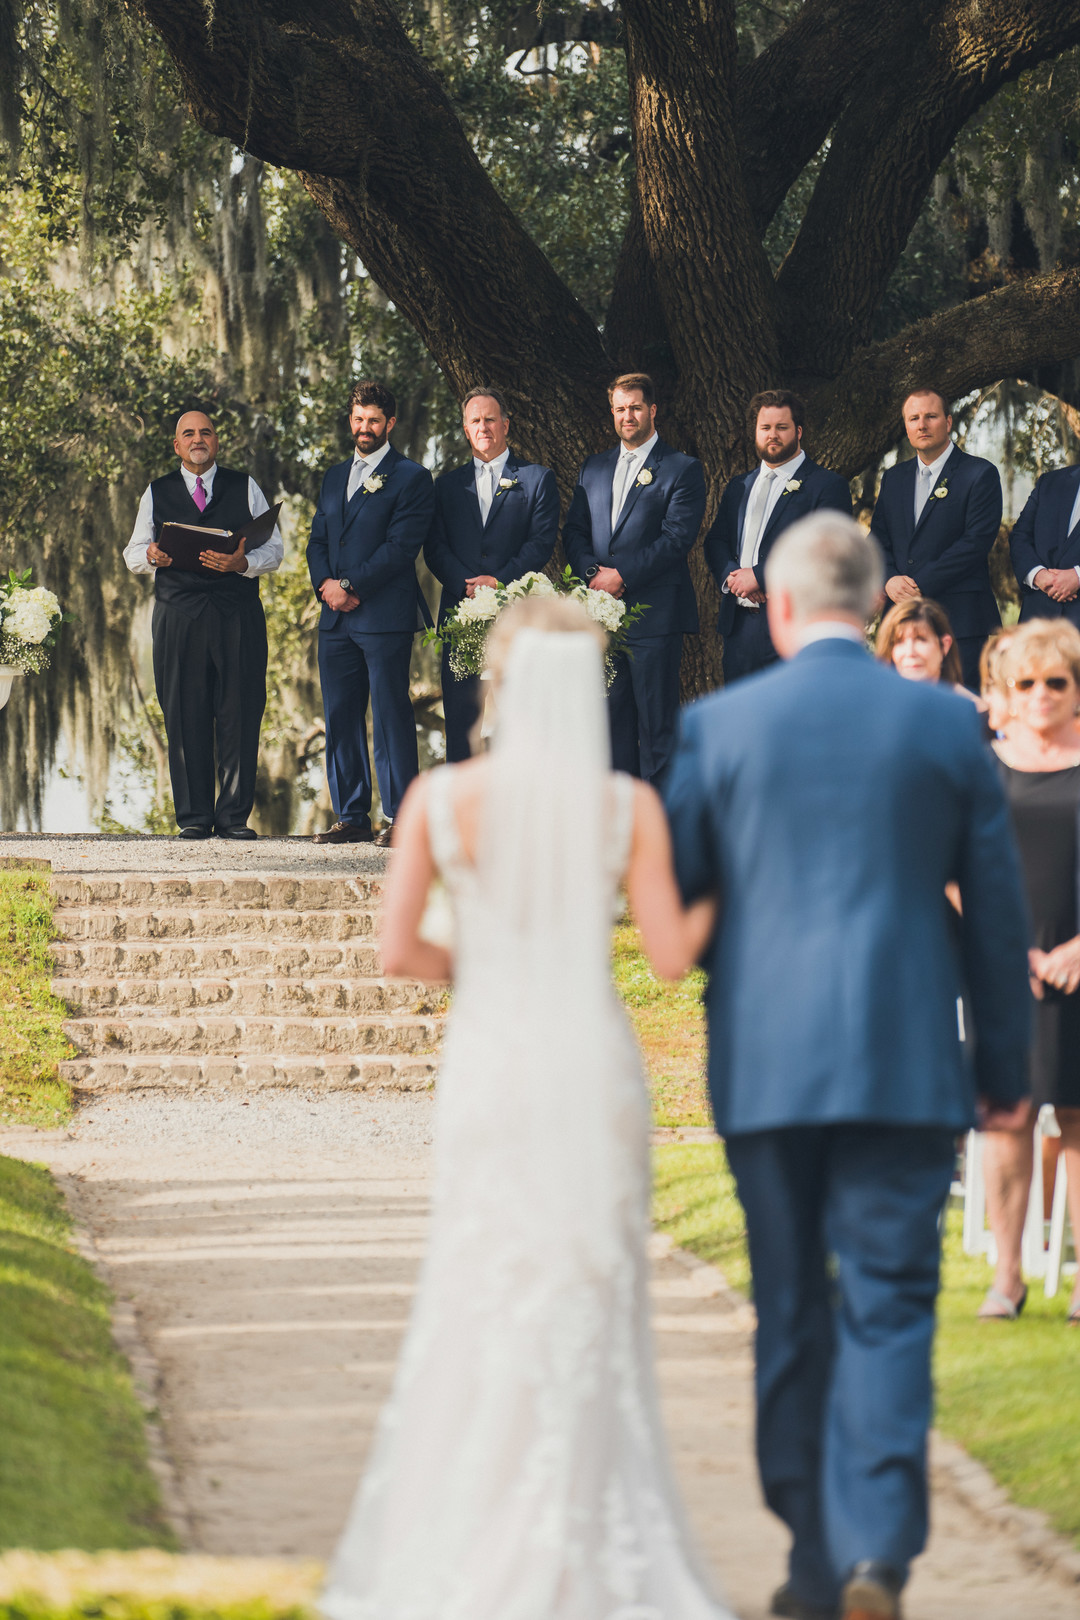 middleton-place-wedding-16.jpg